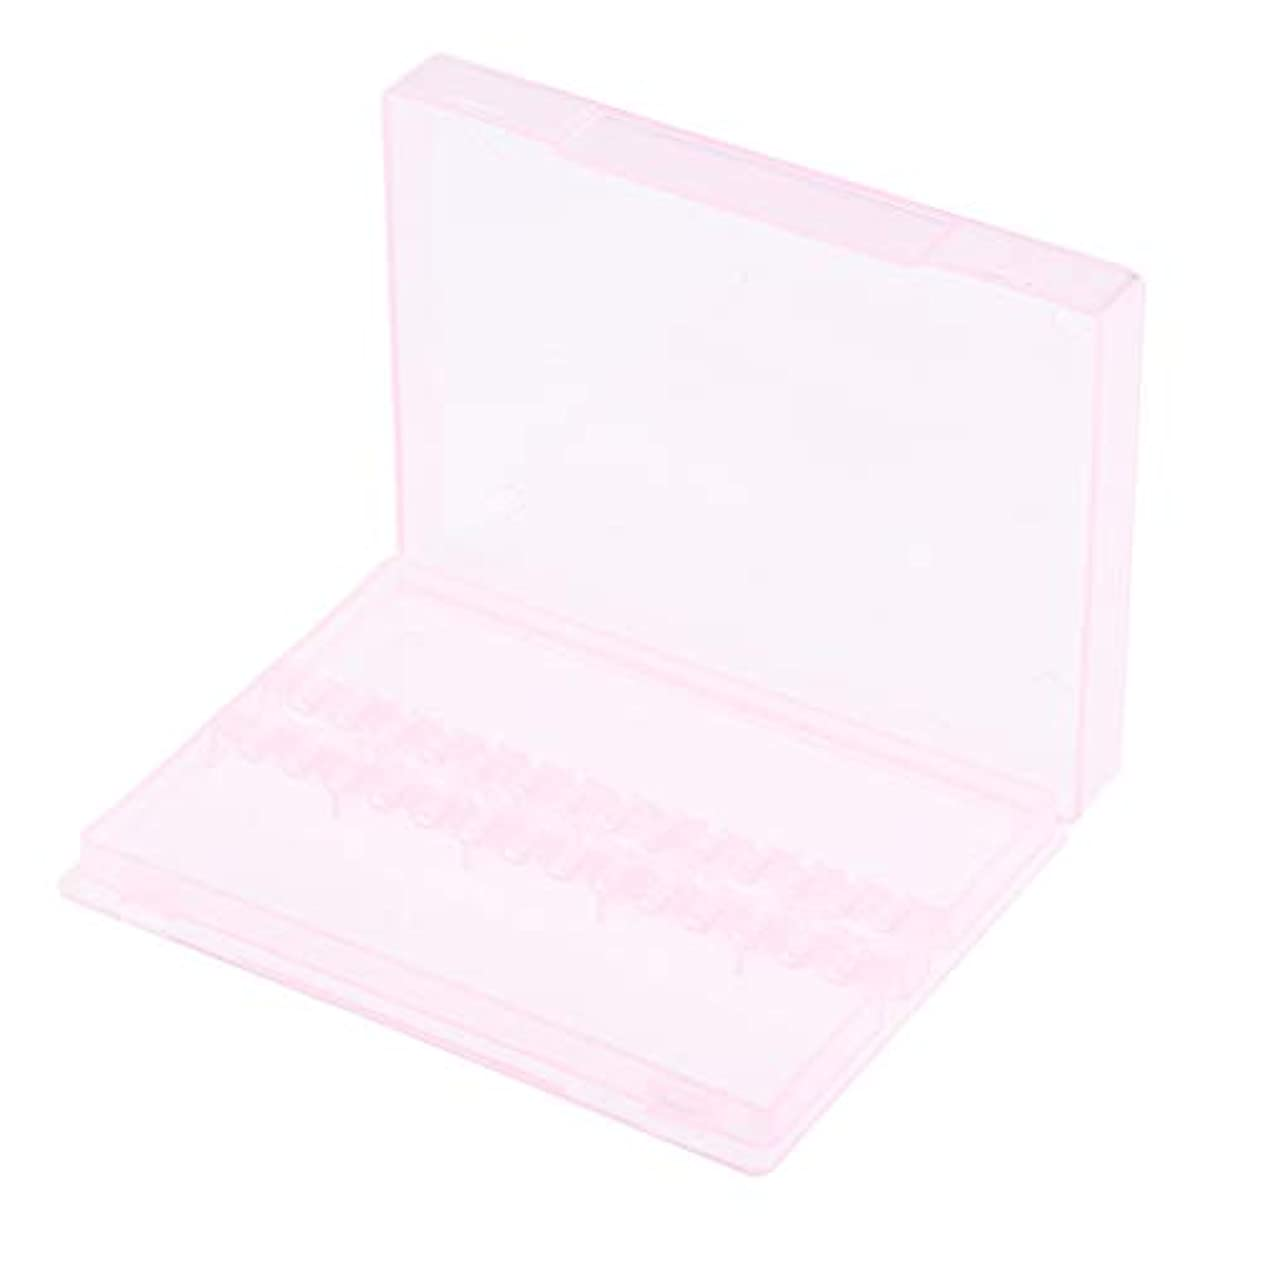 どう?発掘する対応するF Fityle ネイルアート ドリルビットホルダー 空ボックス 収納ケース 2色選べ - ピンク